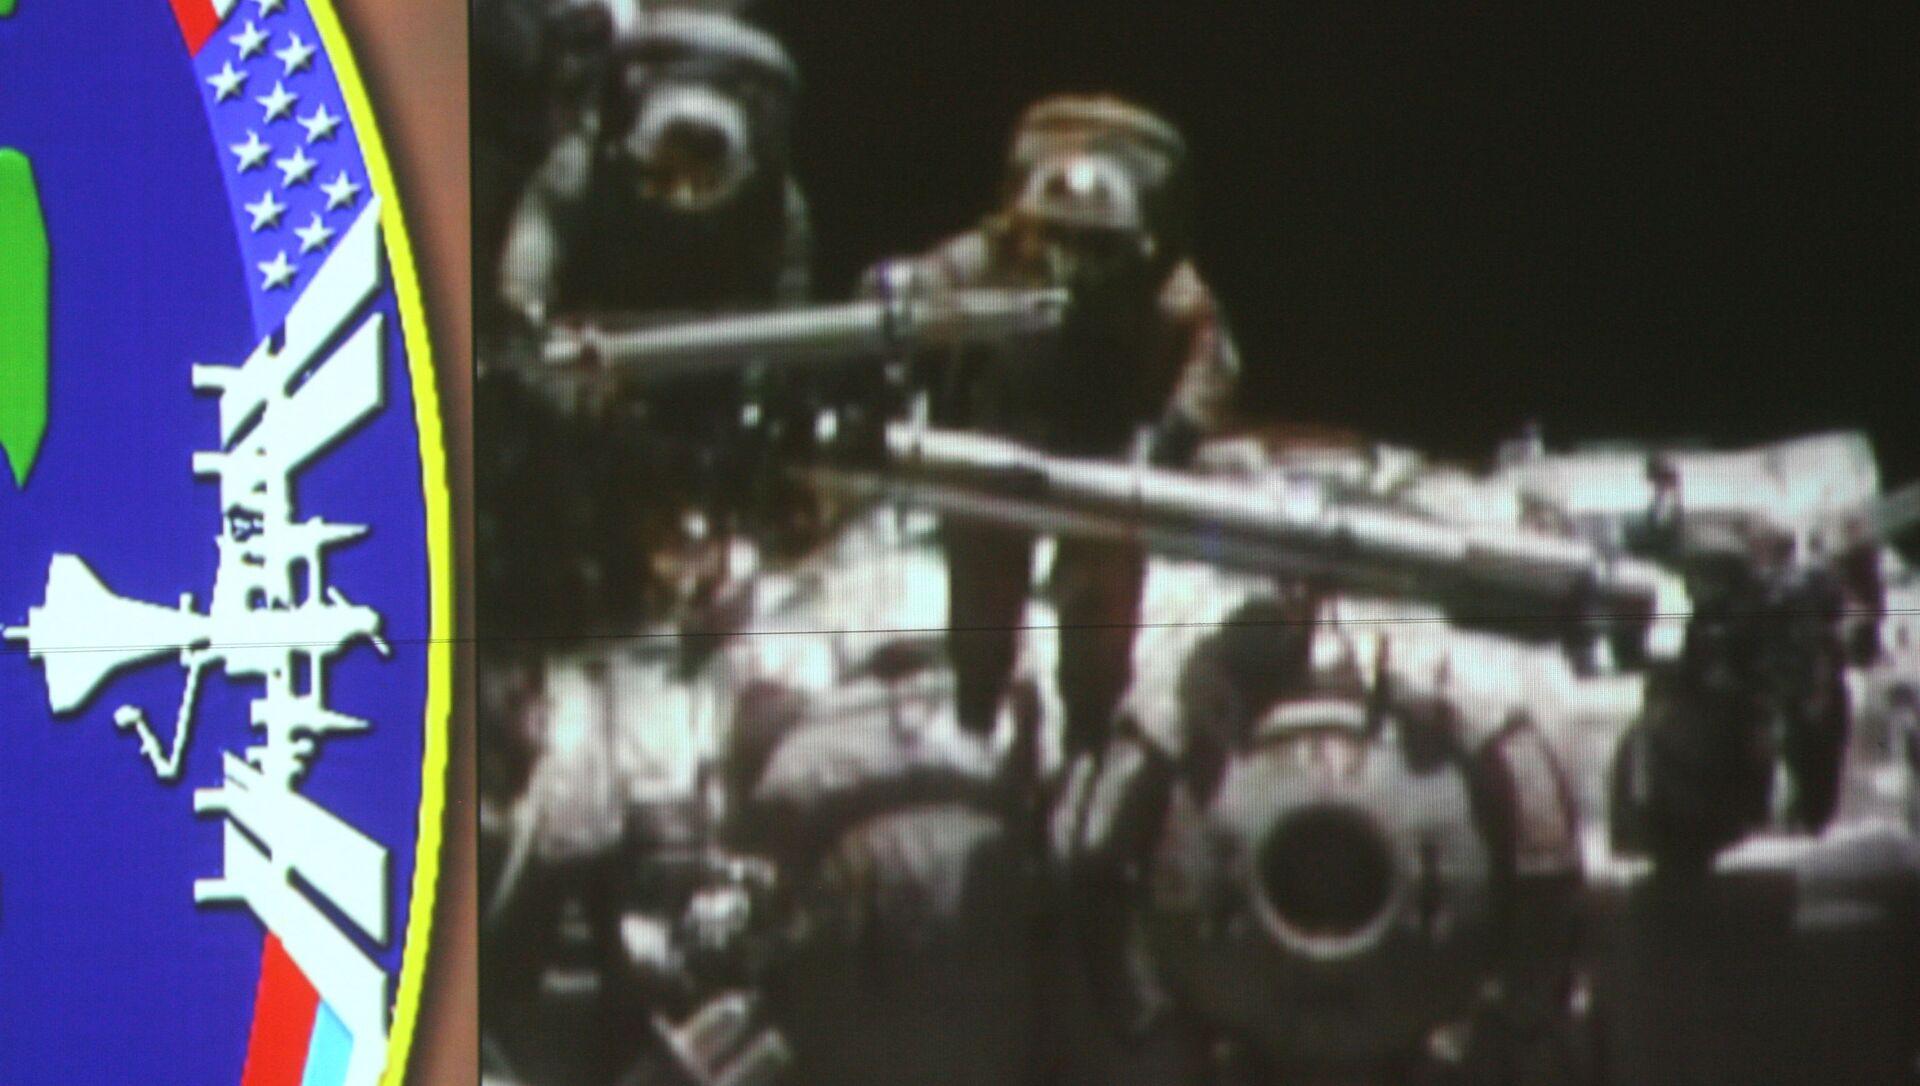 Spazio, equipaggio ISS sigillerà la crepa nel modulo russo con la resina usata per il trucco tv - Sputnik Italia, 1920, 01.03.2021